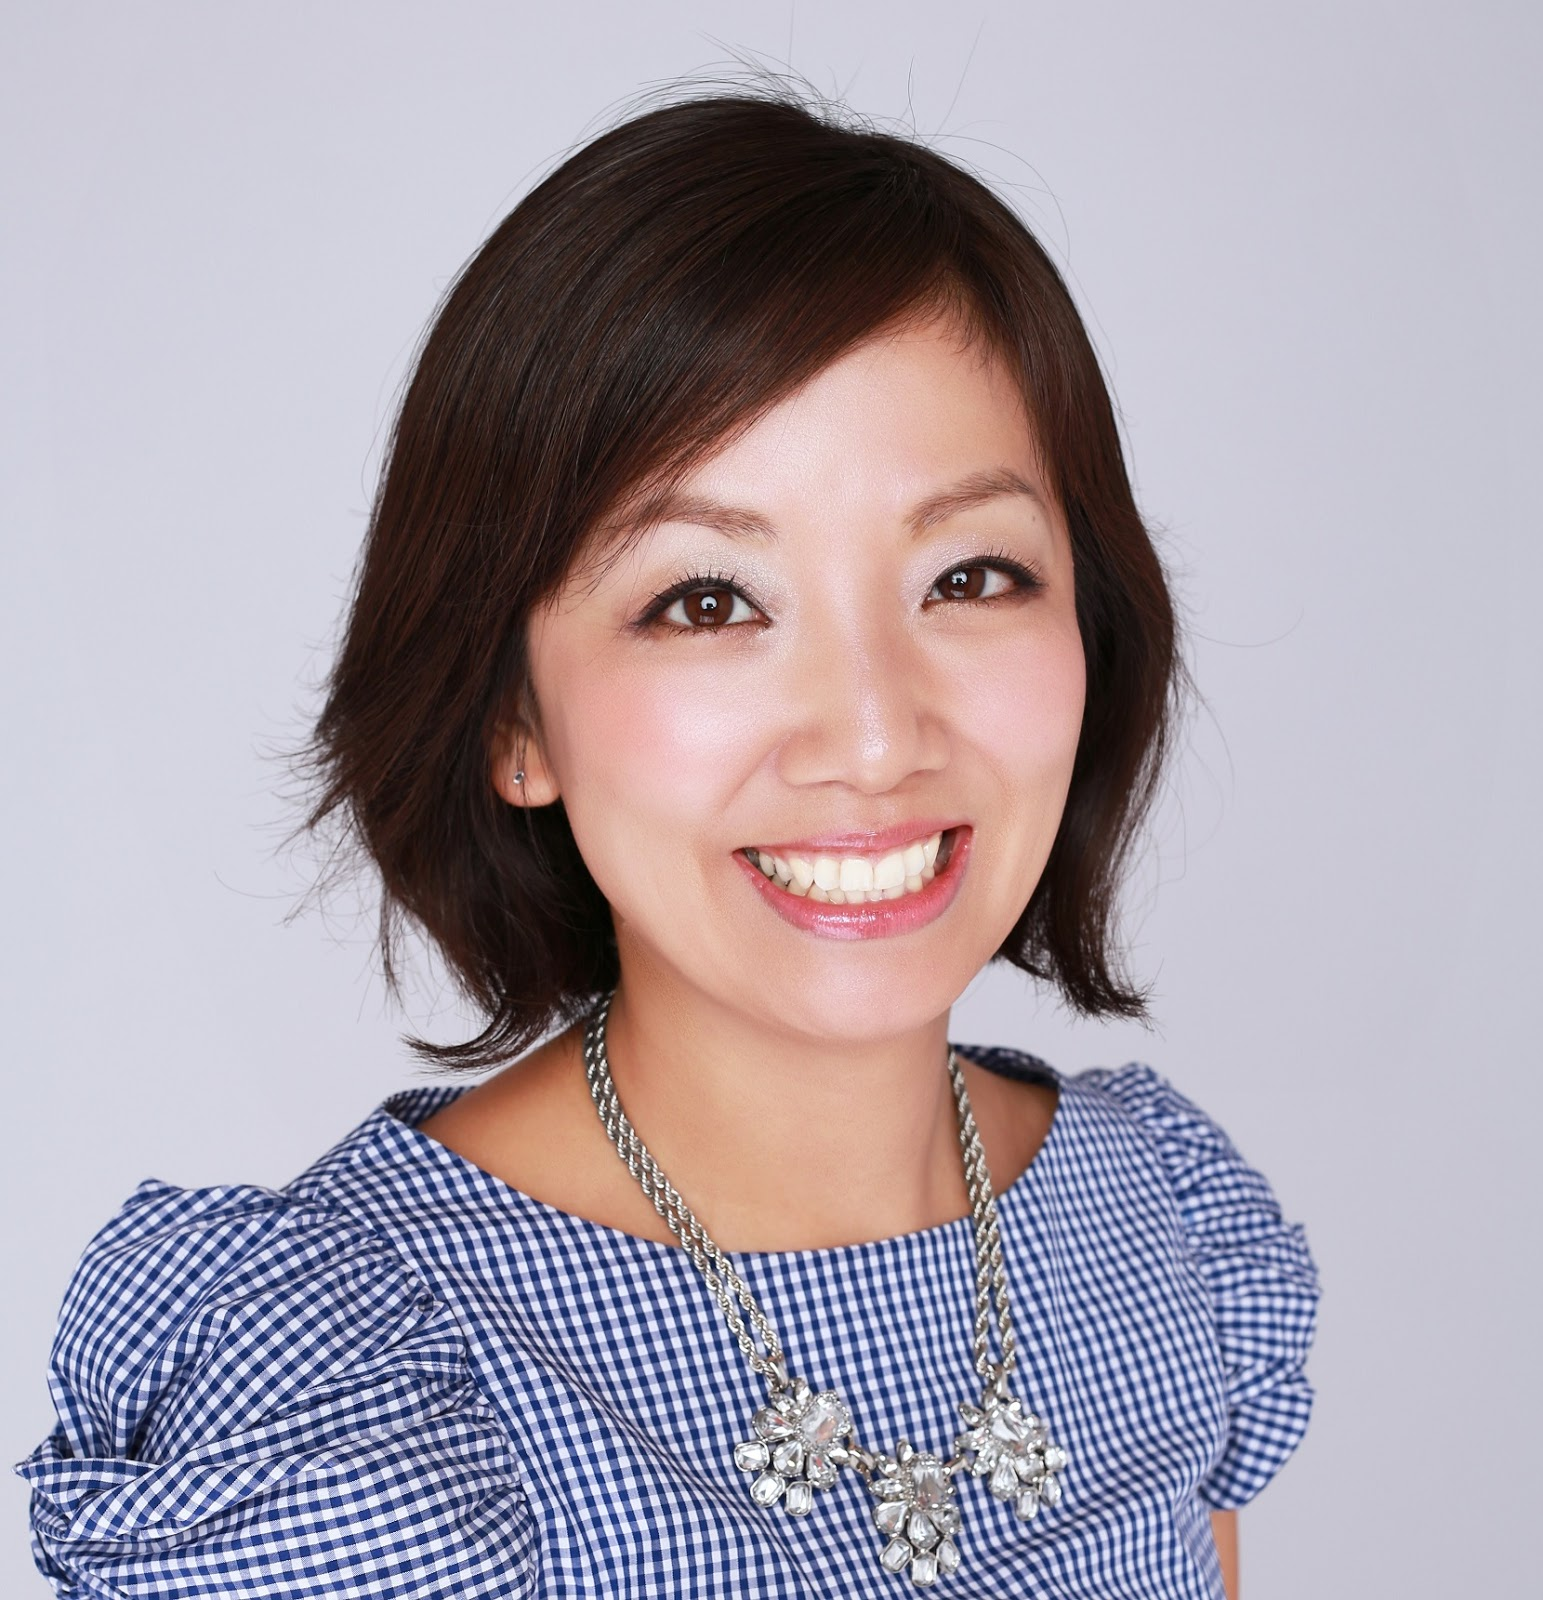 遠藤幸子さんに関する情報一覧